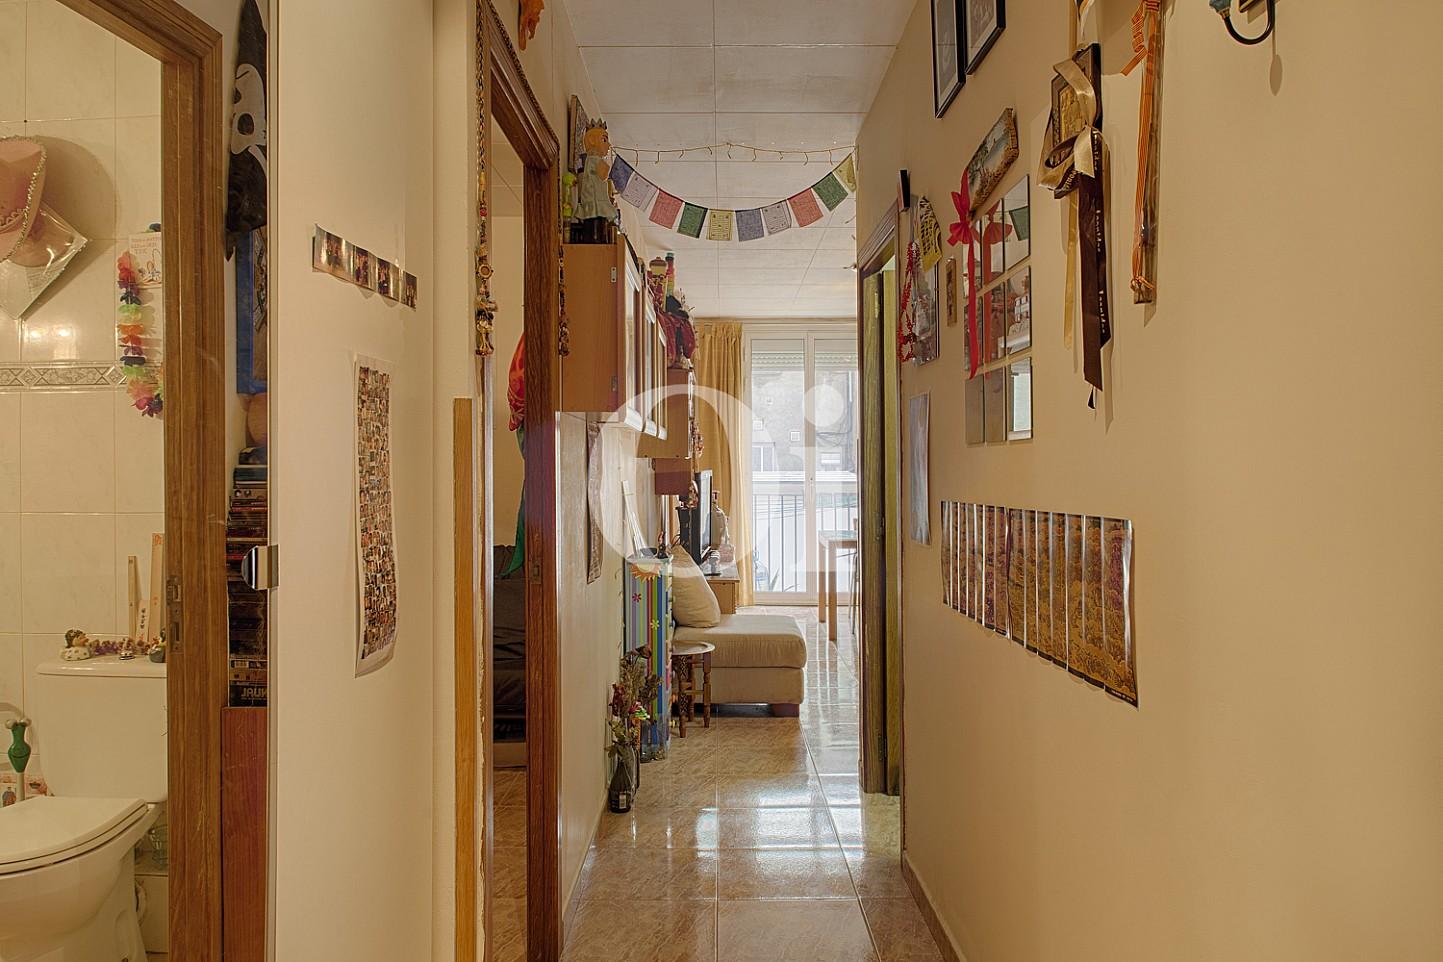 Коридор квартиры на продажу в Равале